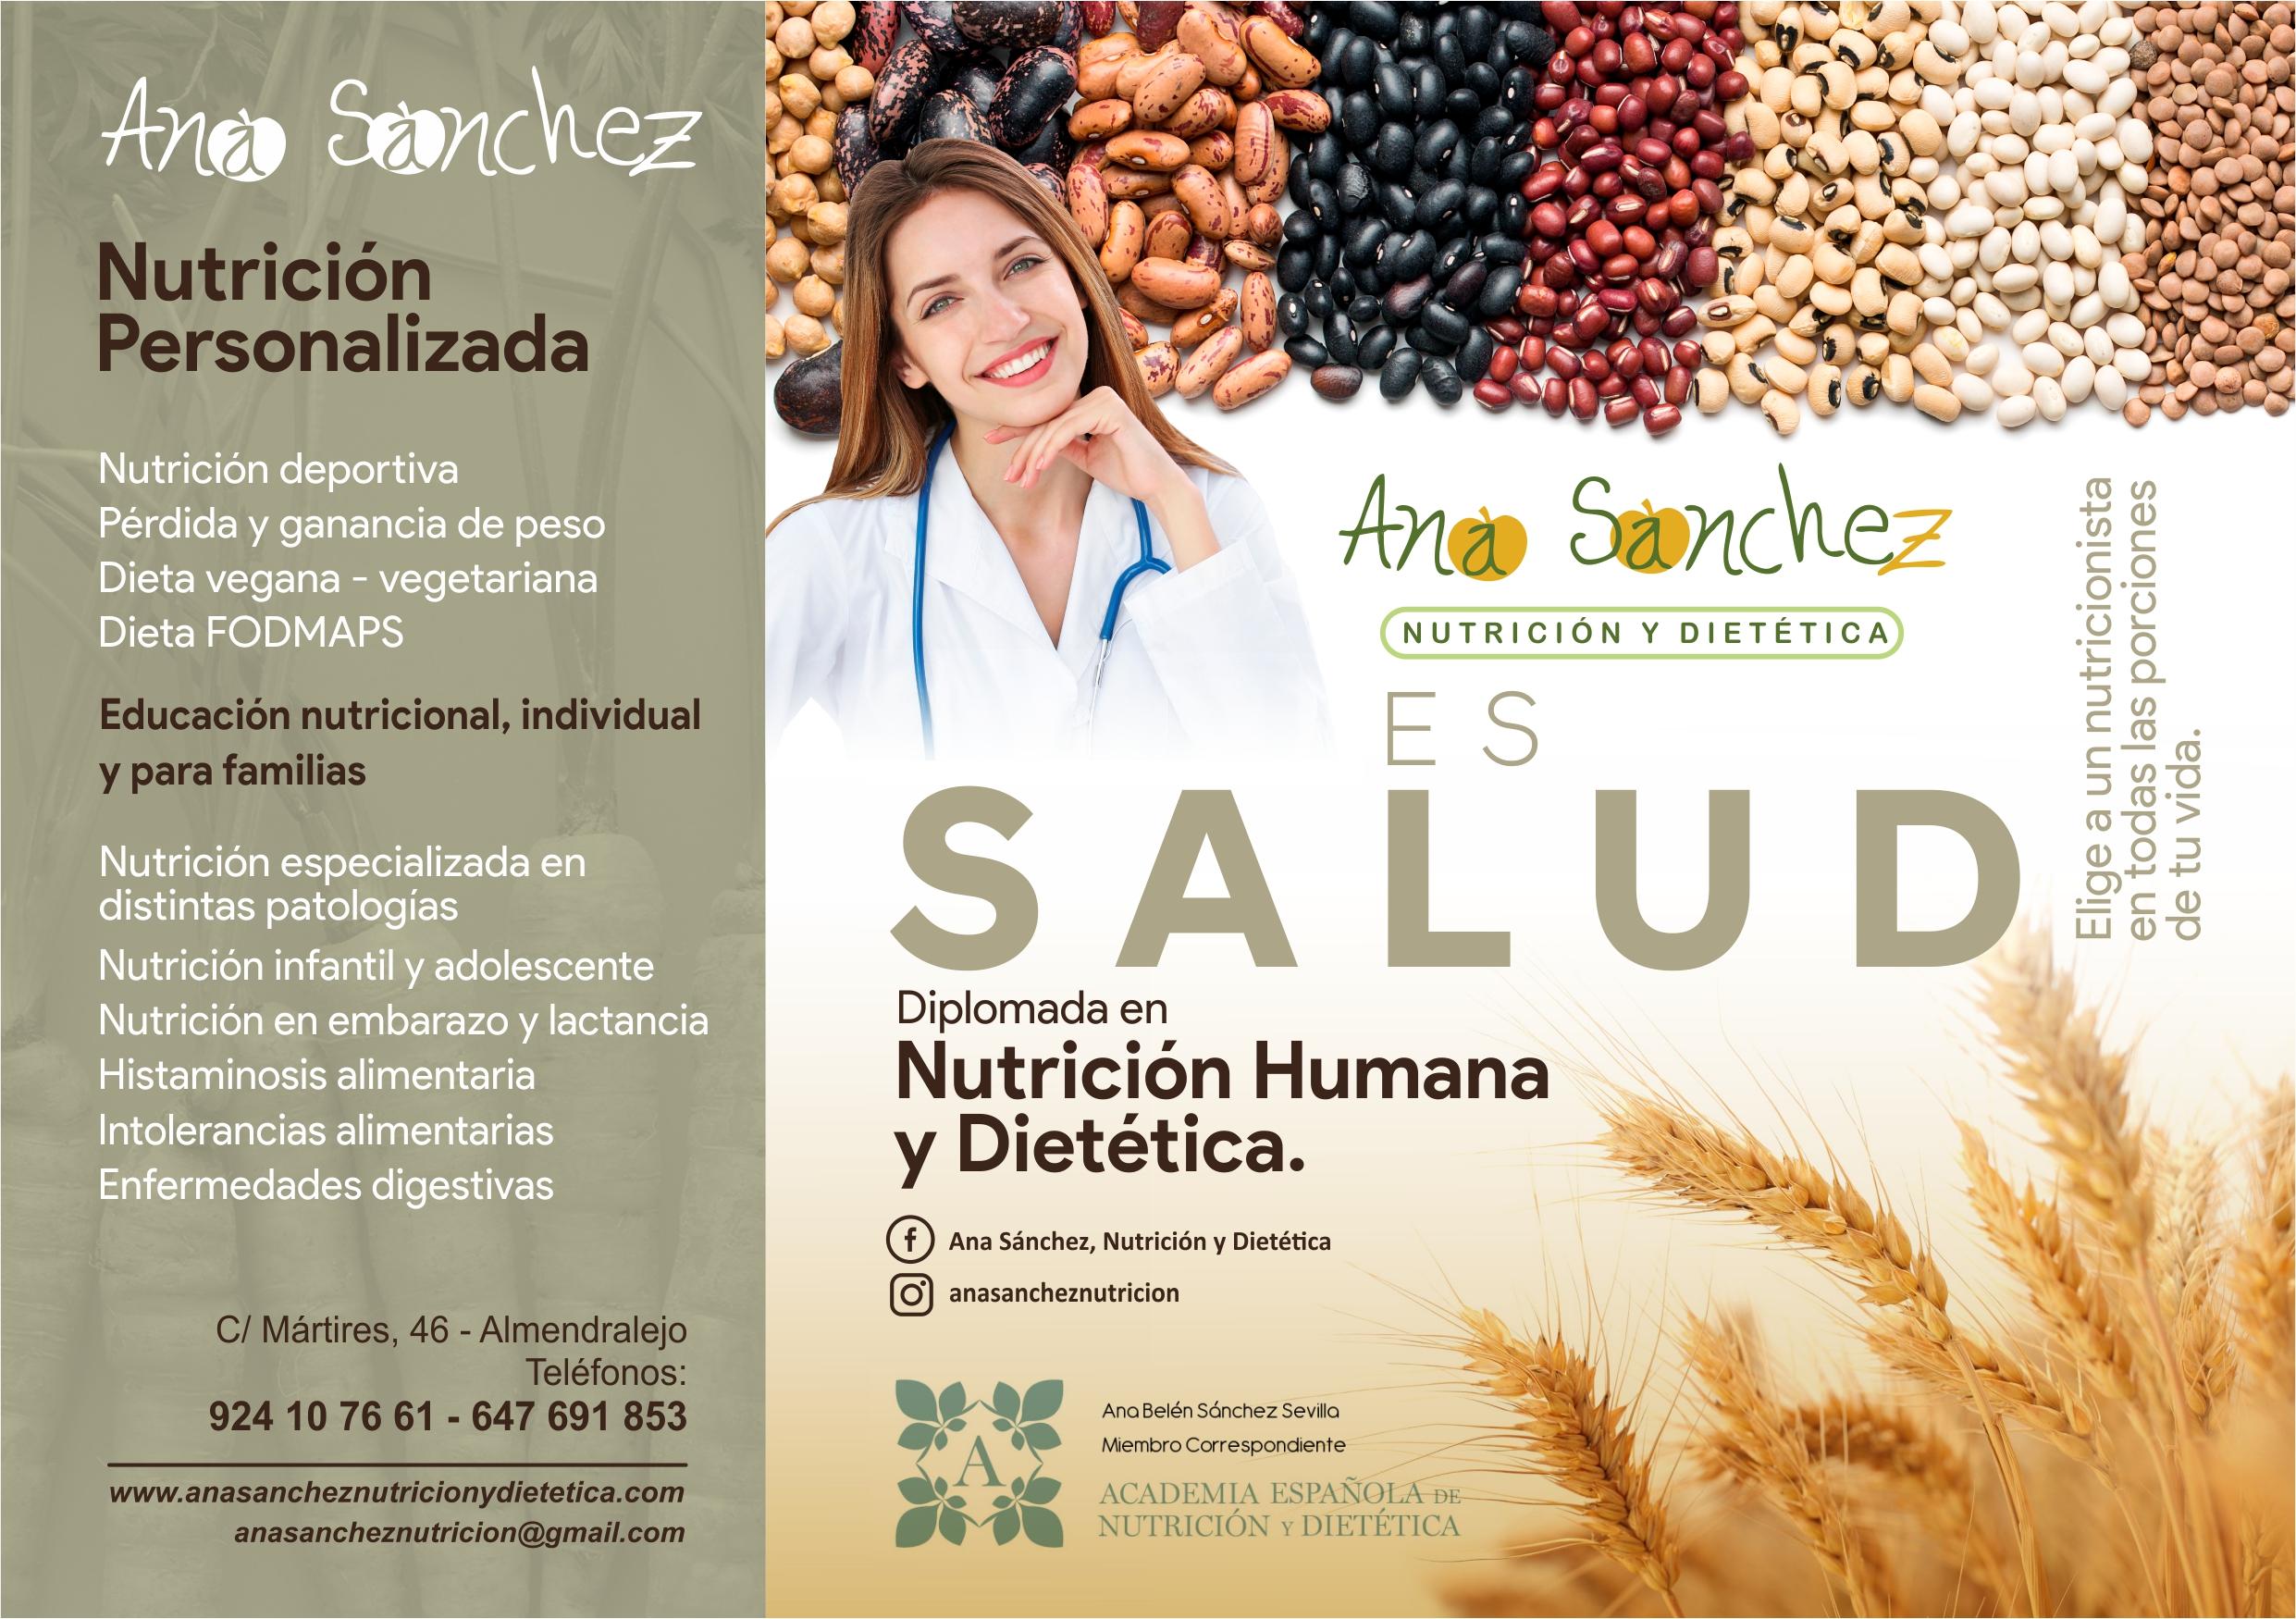 Dieta personalizada en Almendralejo Ana Sánchez